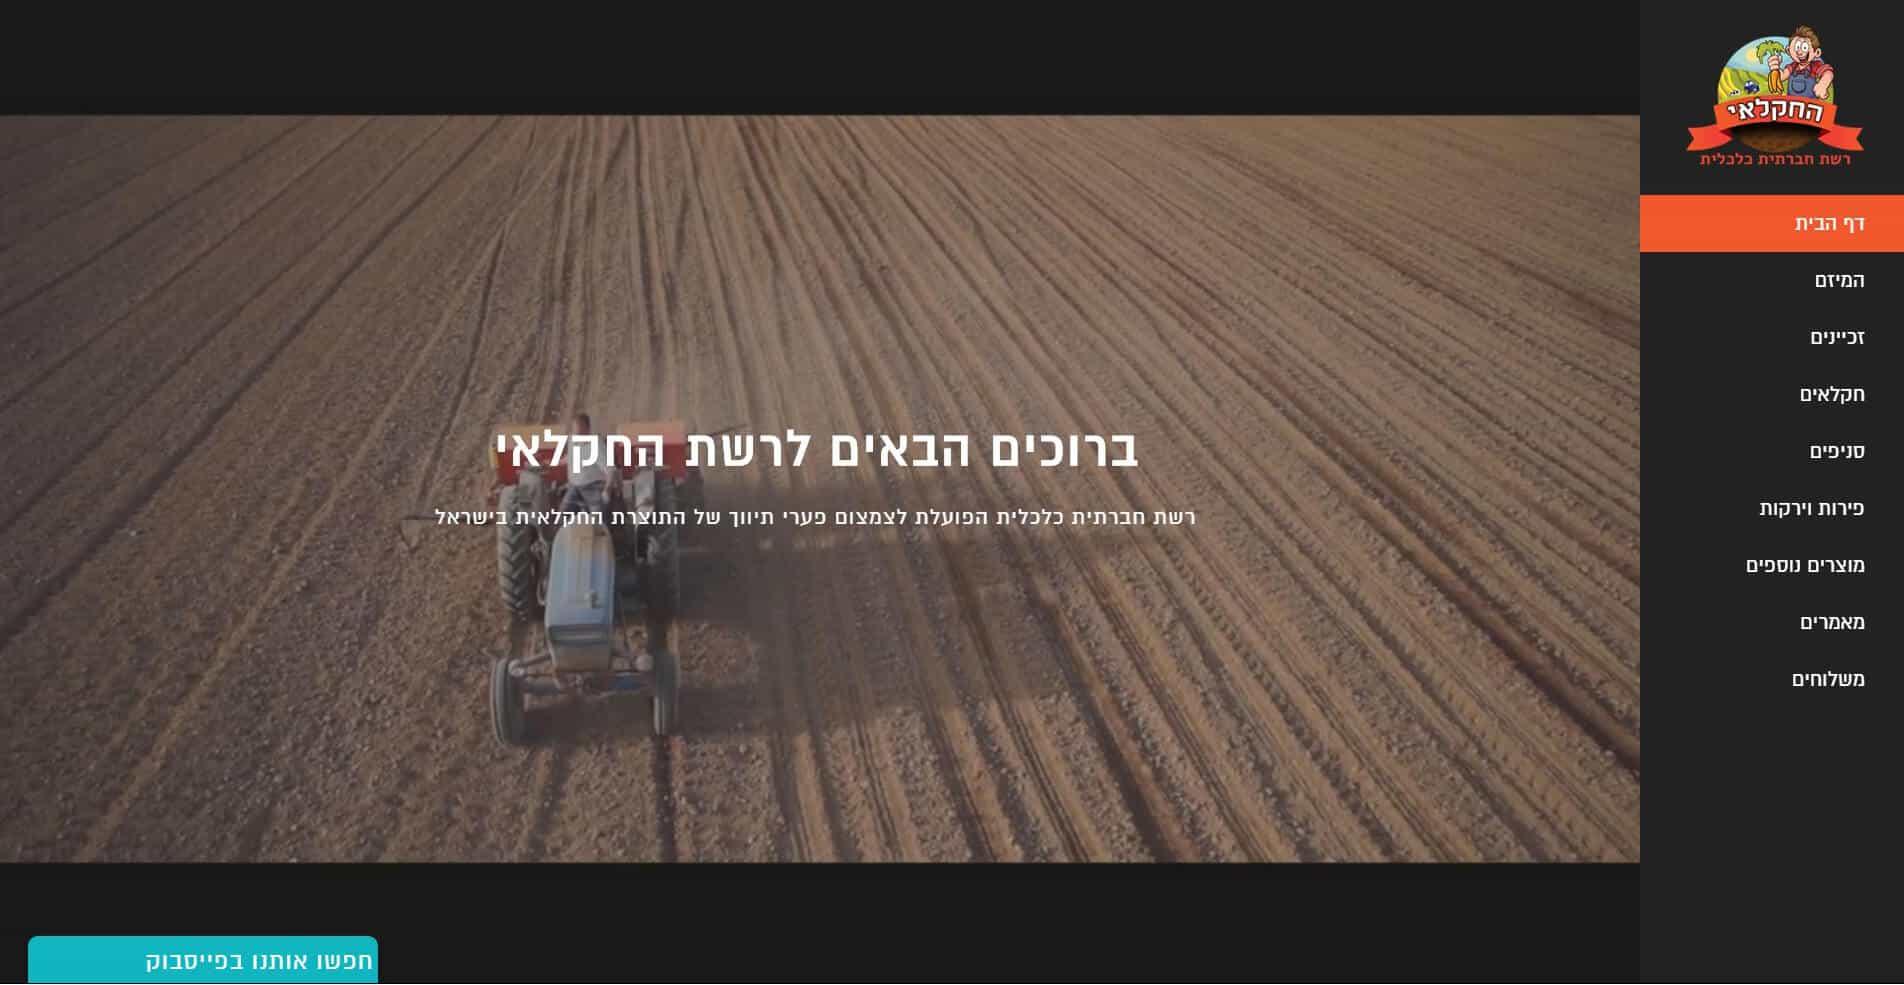 אתר קטלוג החקלאי